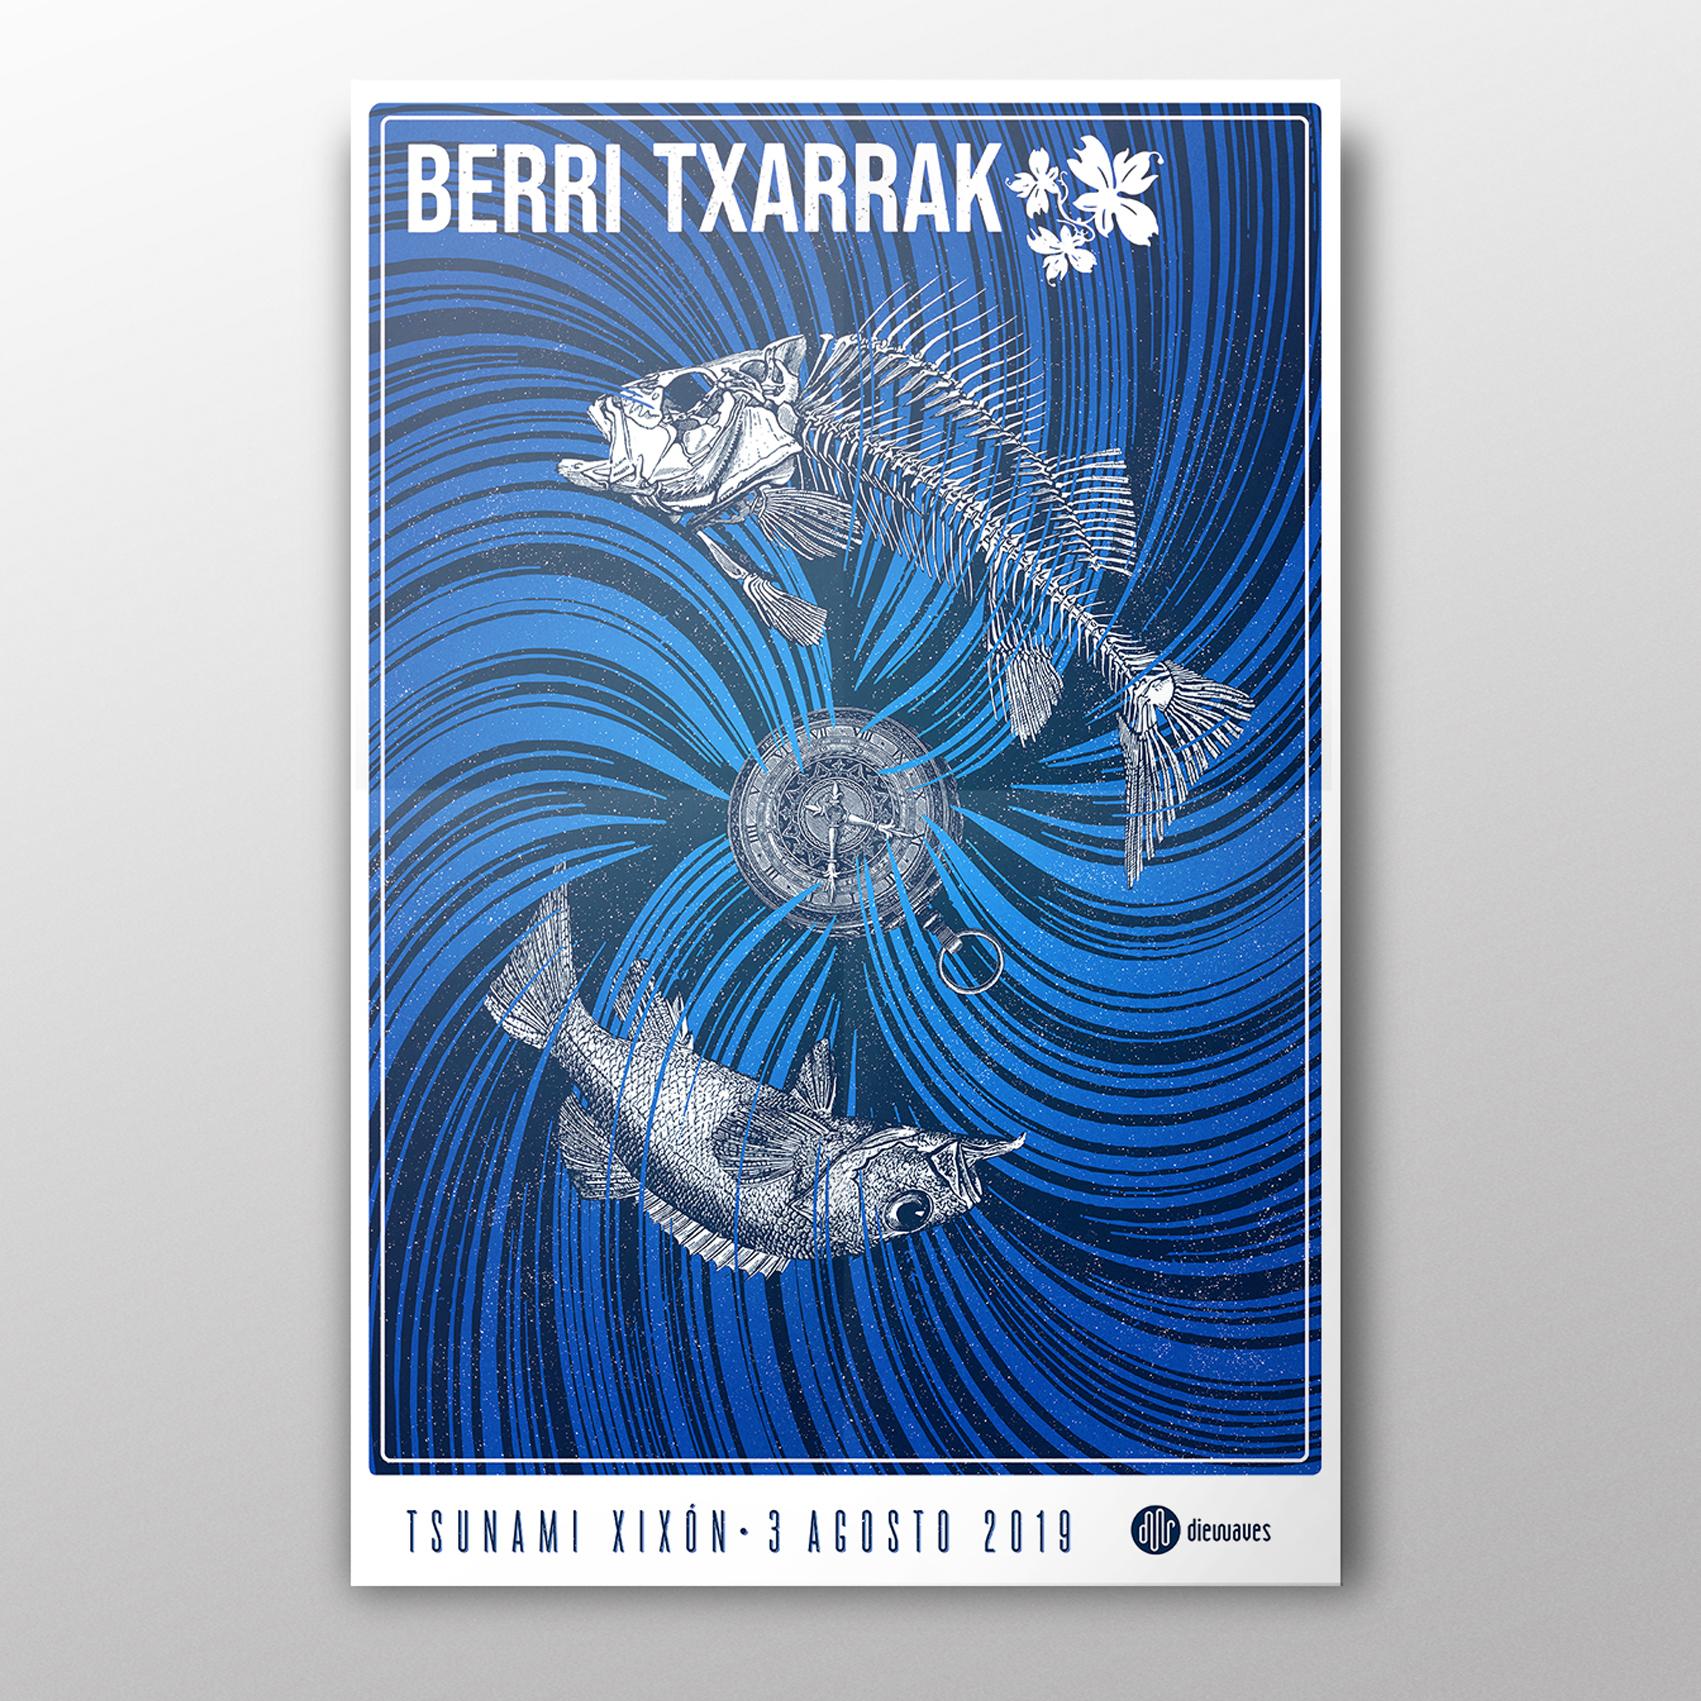 Berri Txarrak | Tsunami Xixon 2019